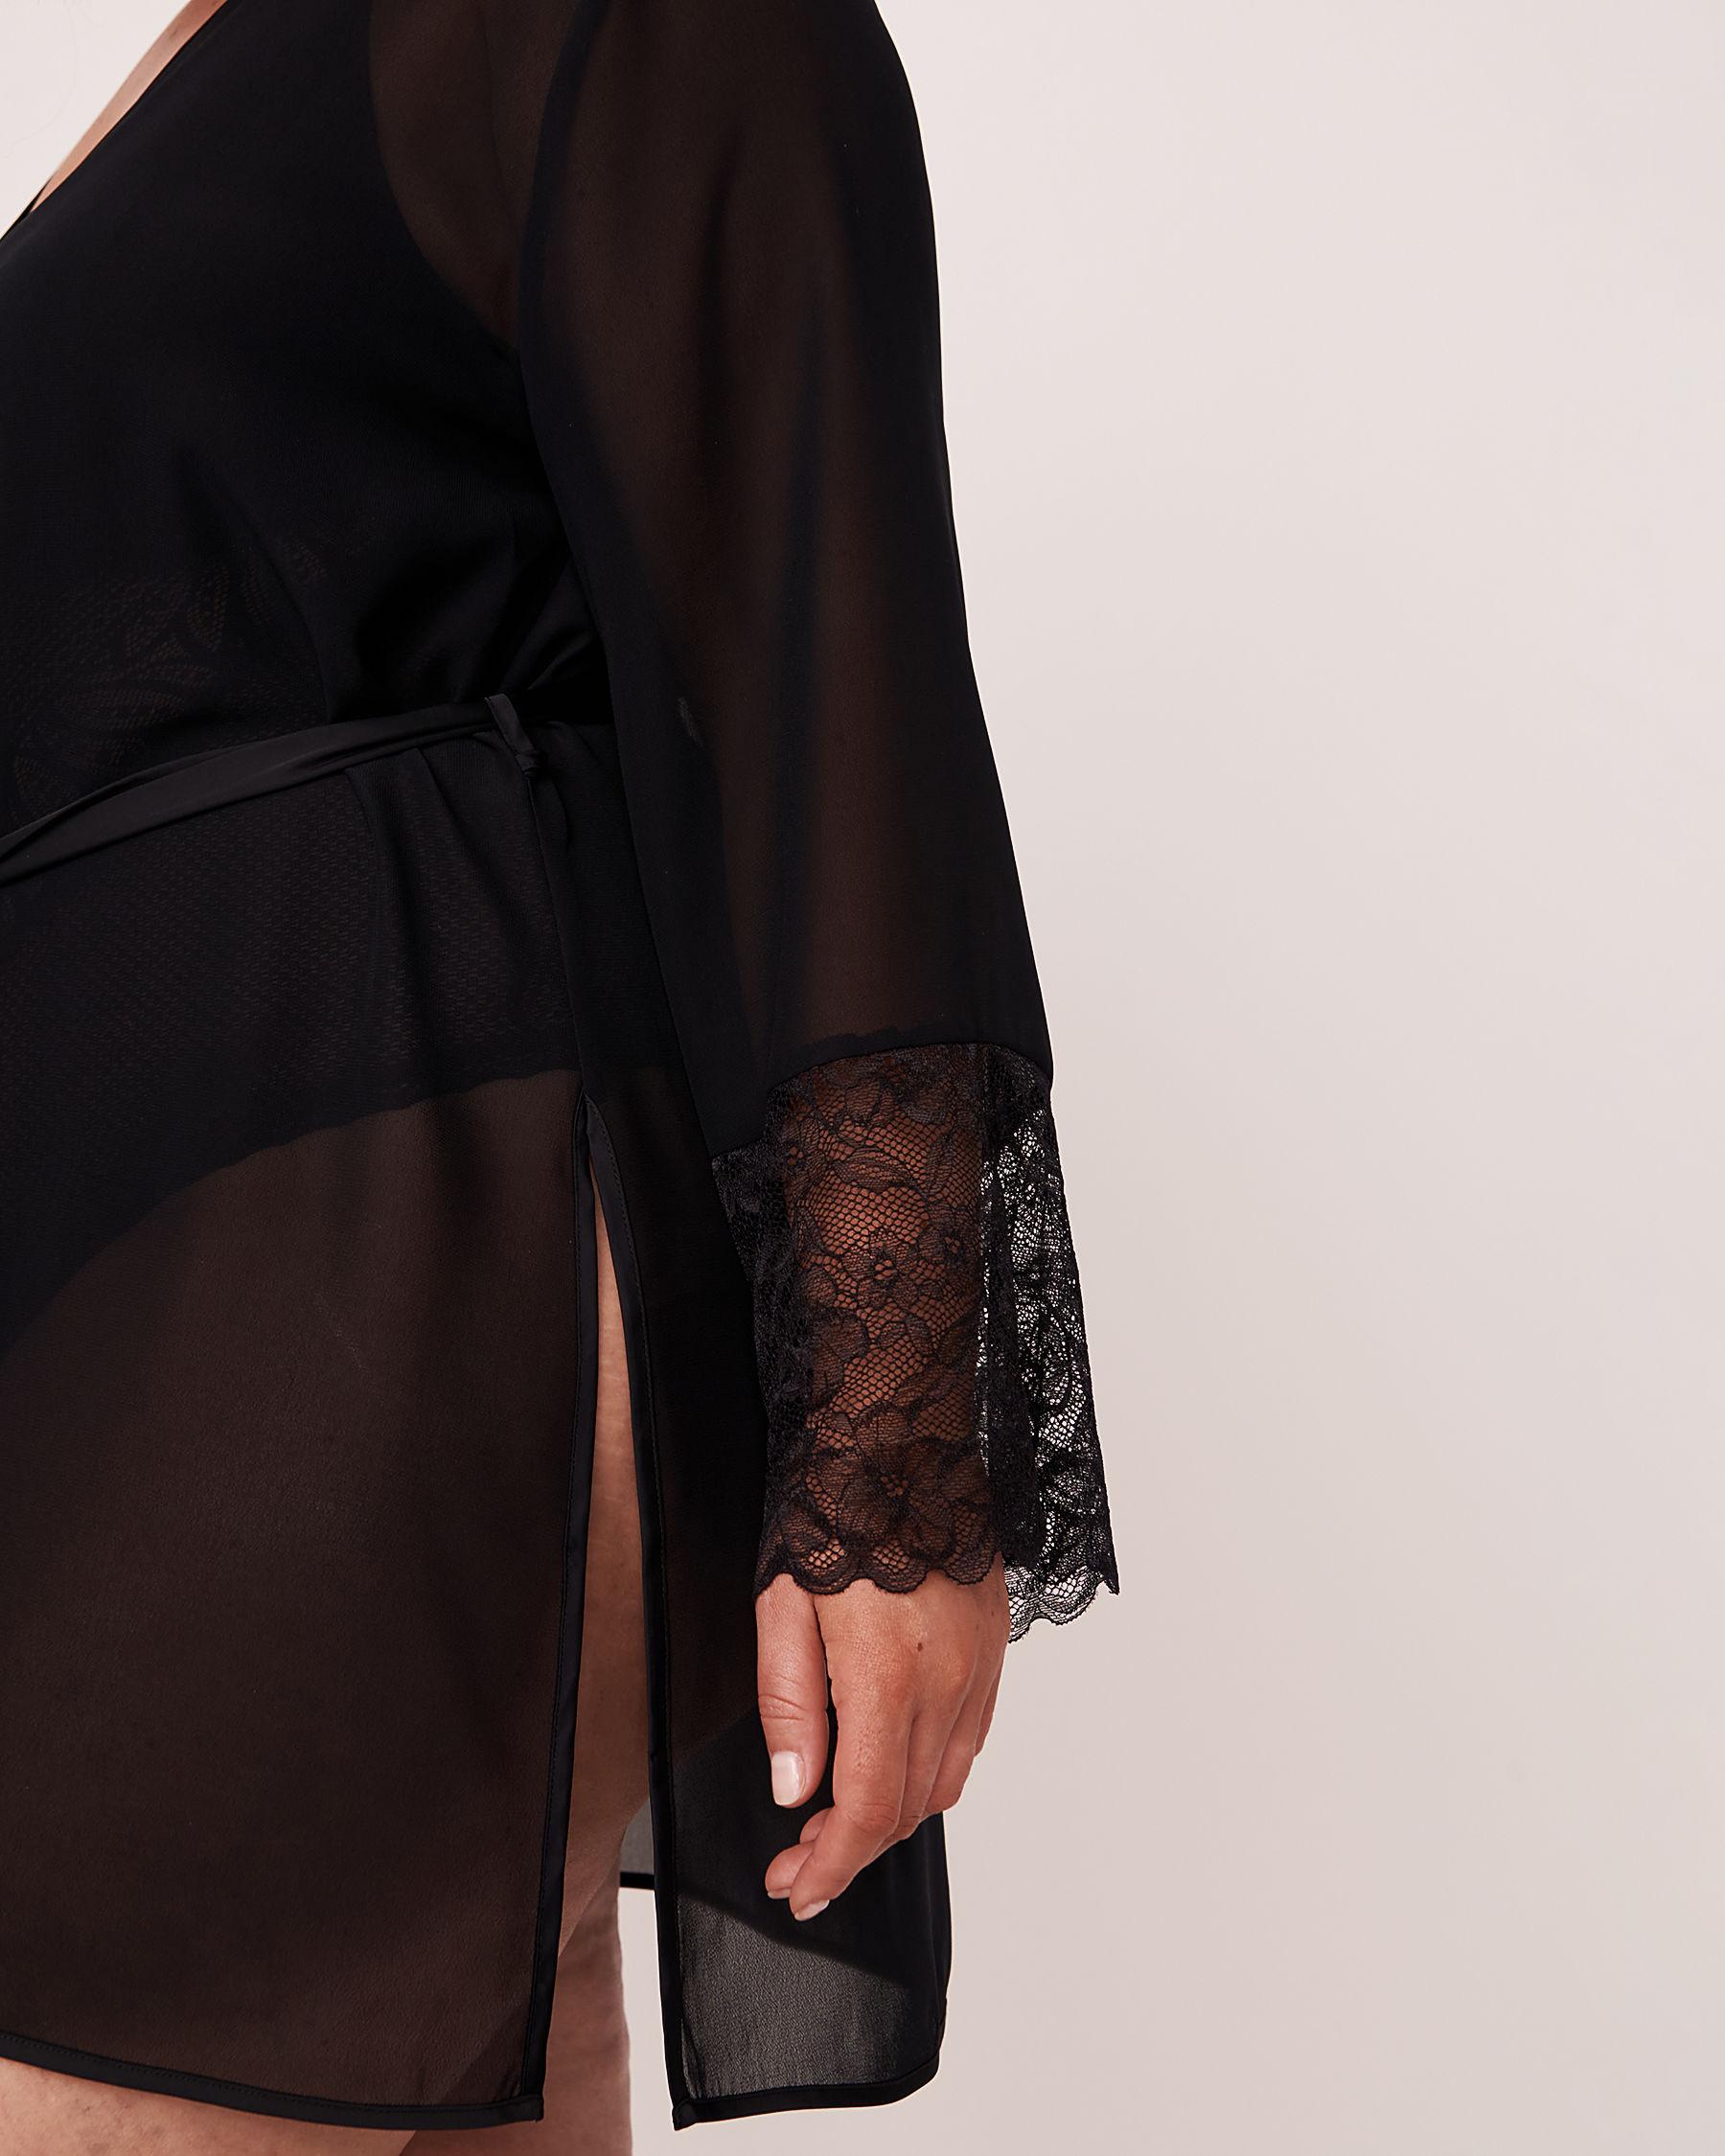 LA VIE EN ROSE Lace Trim Kimono Black 60600006 - View7